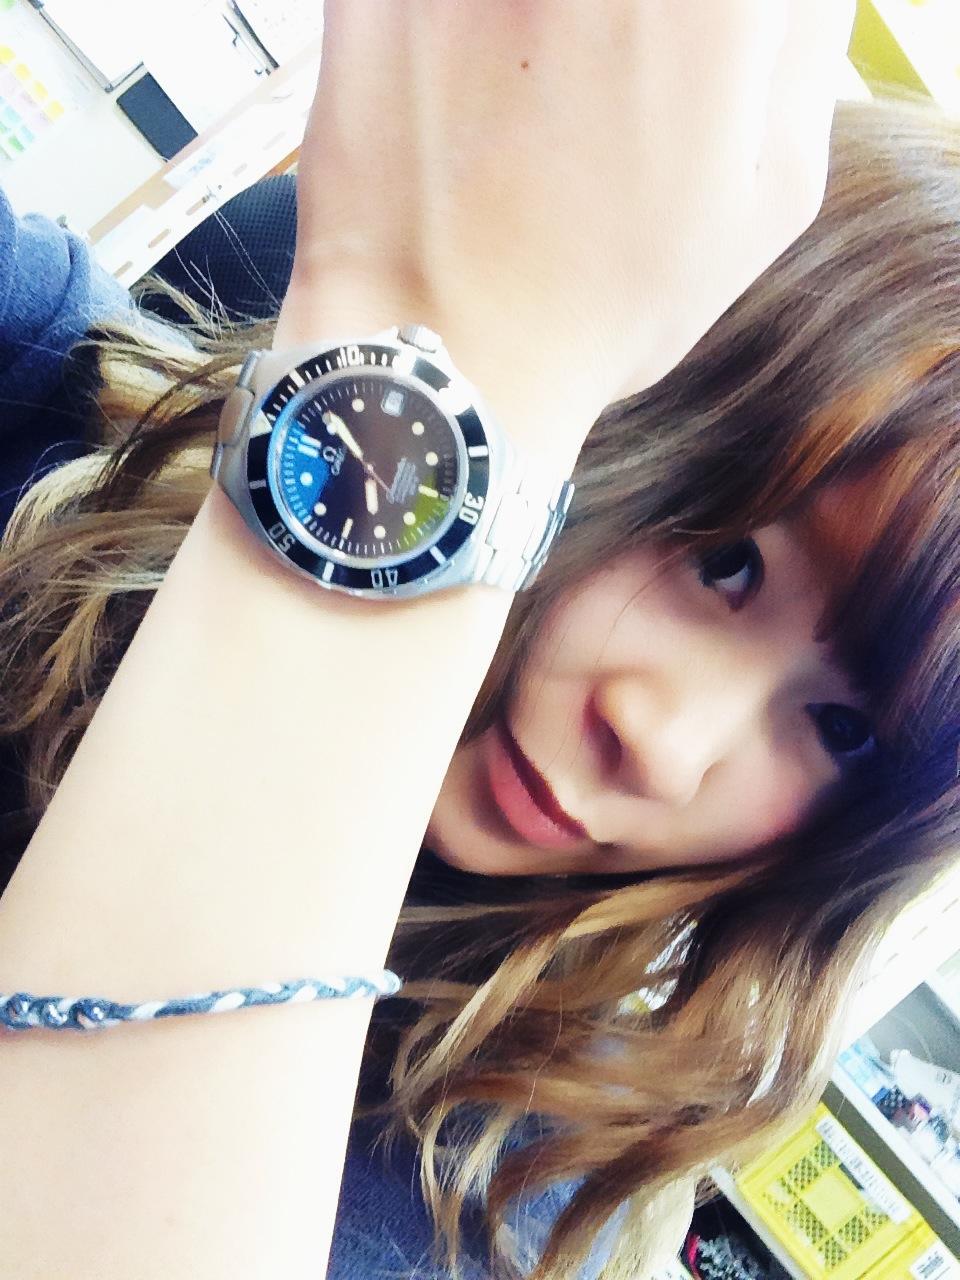 OMEGA オメガ シーマスター 腕時計 メンズ 高級時計 金 プラチナ 貴金属 高価買取 国分寺 小平市